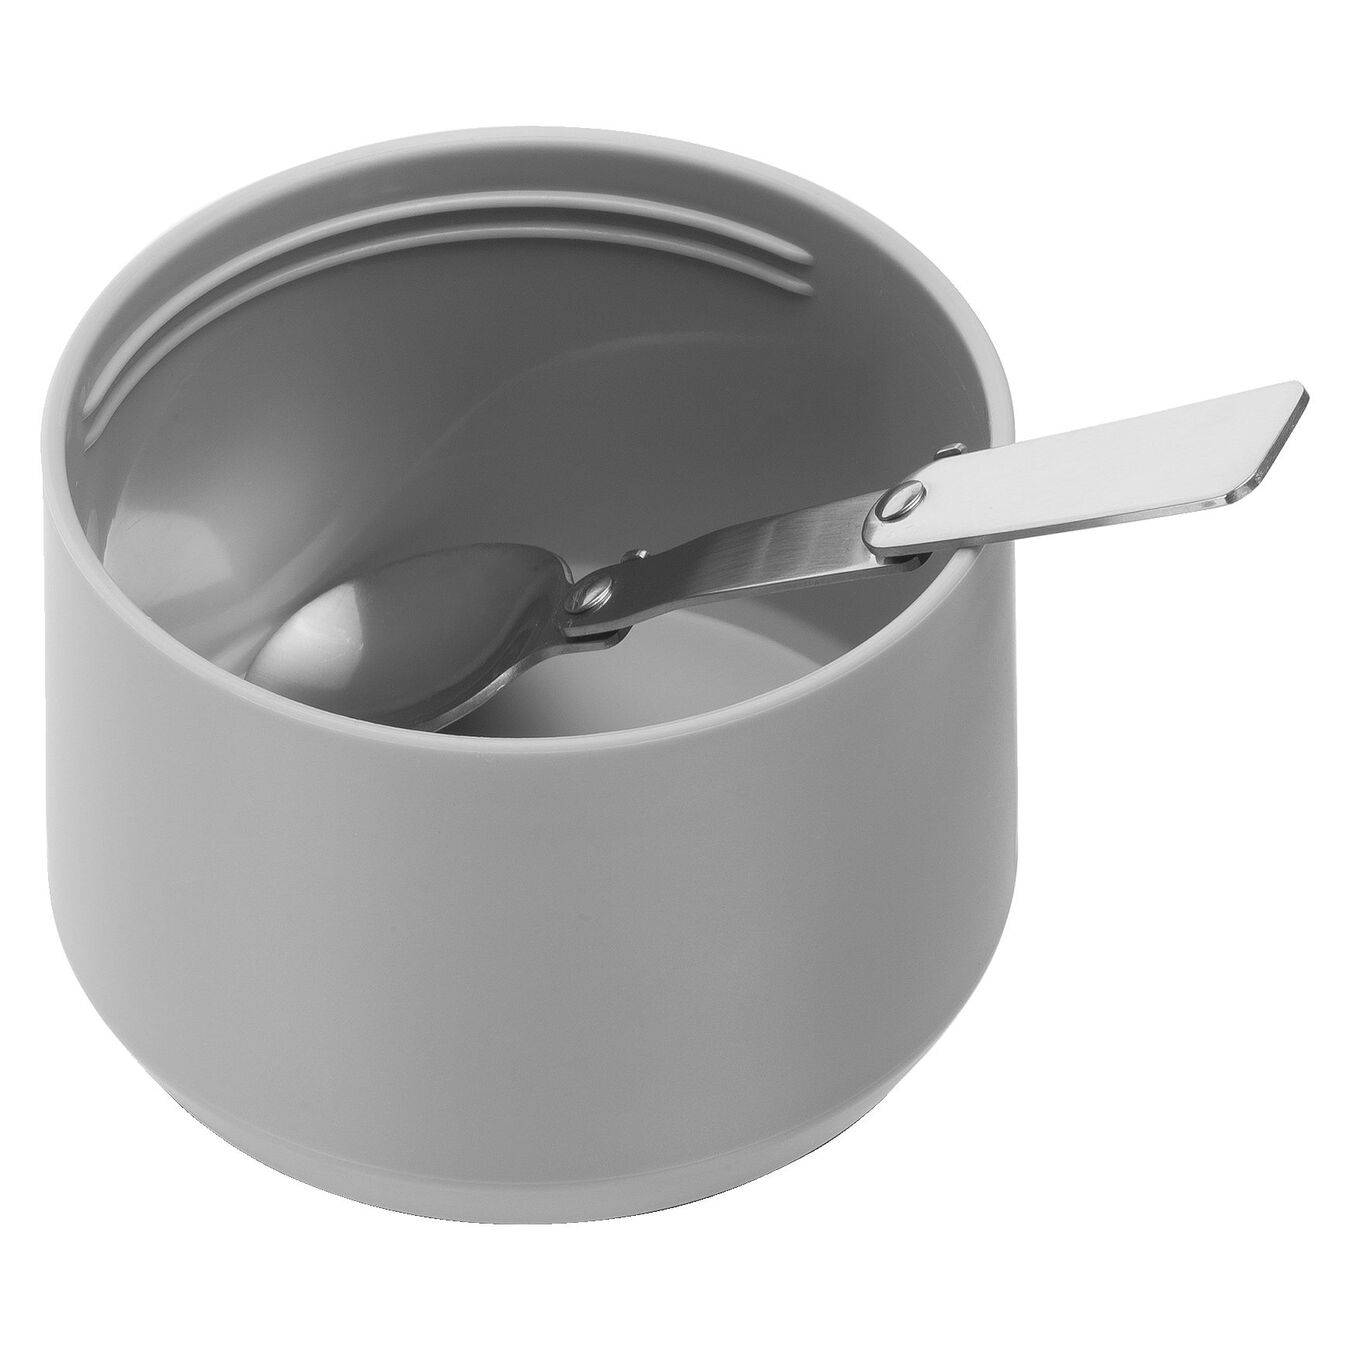 Speisegefäß, Weiß | Edelstahl | 700 ml,,large 4